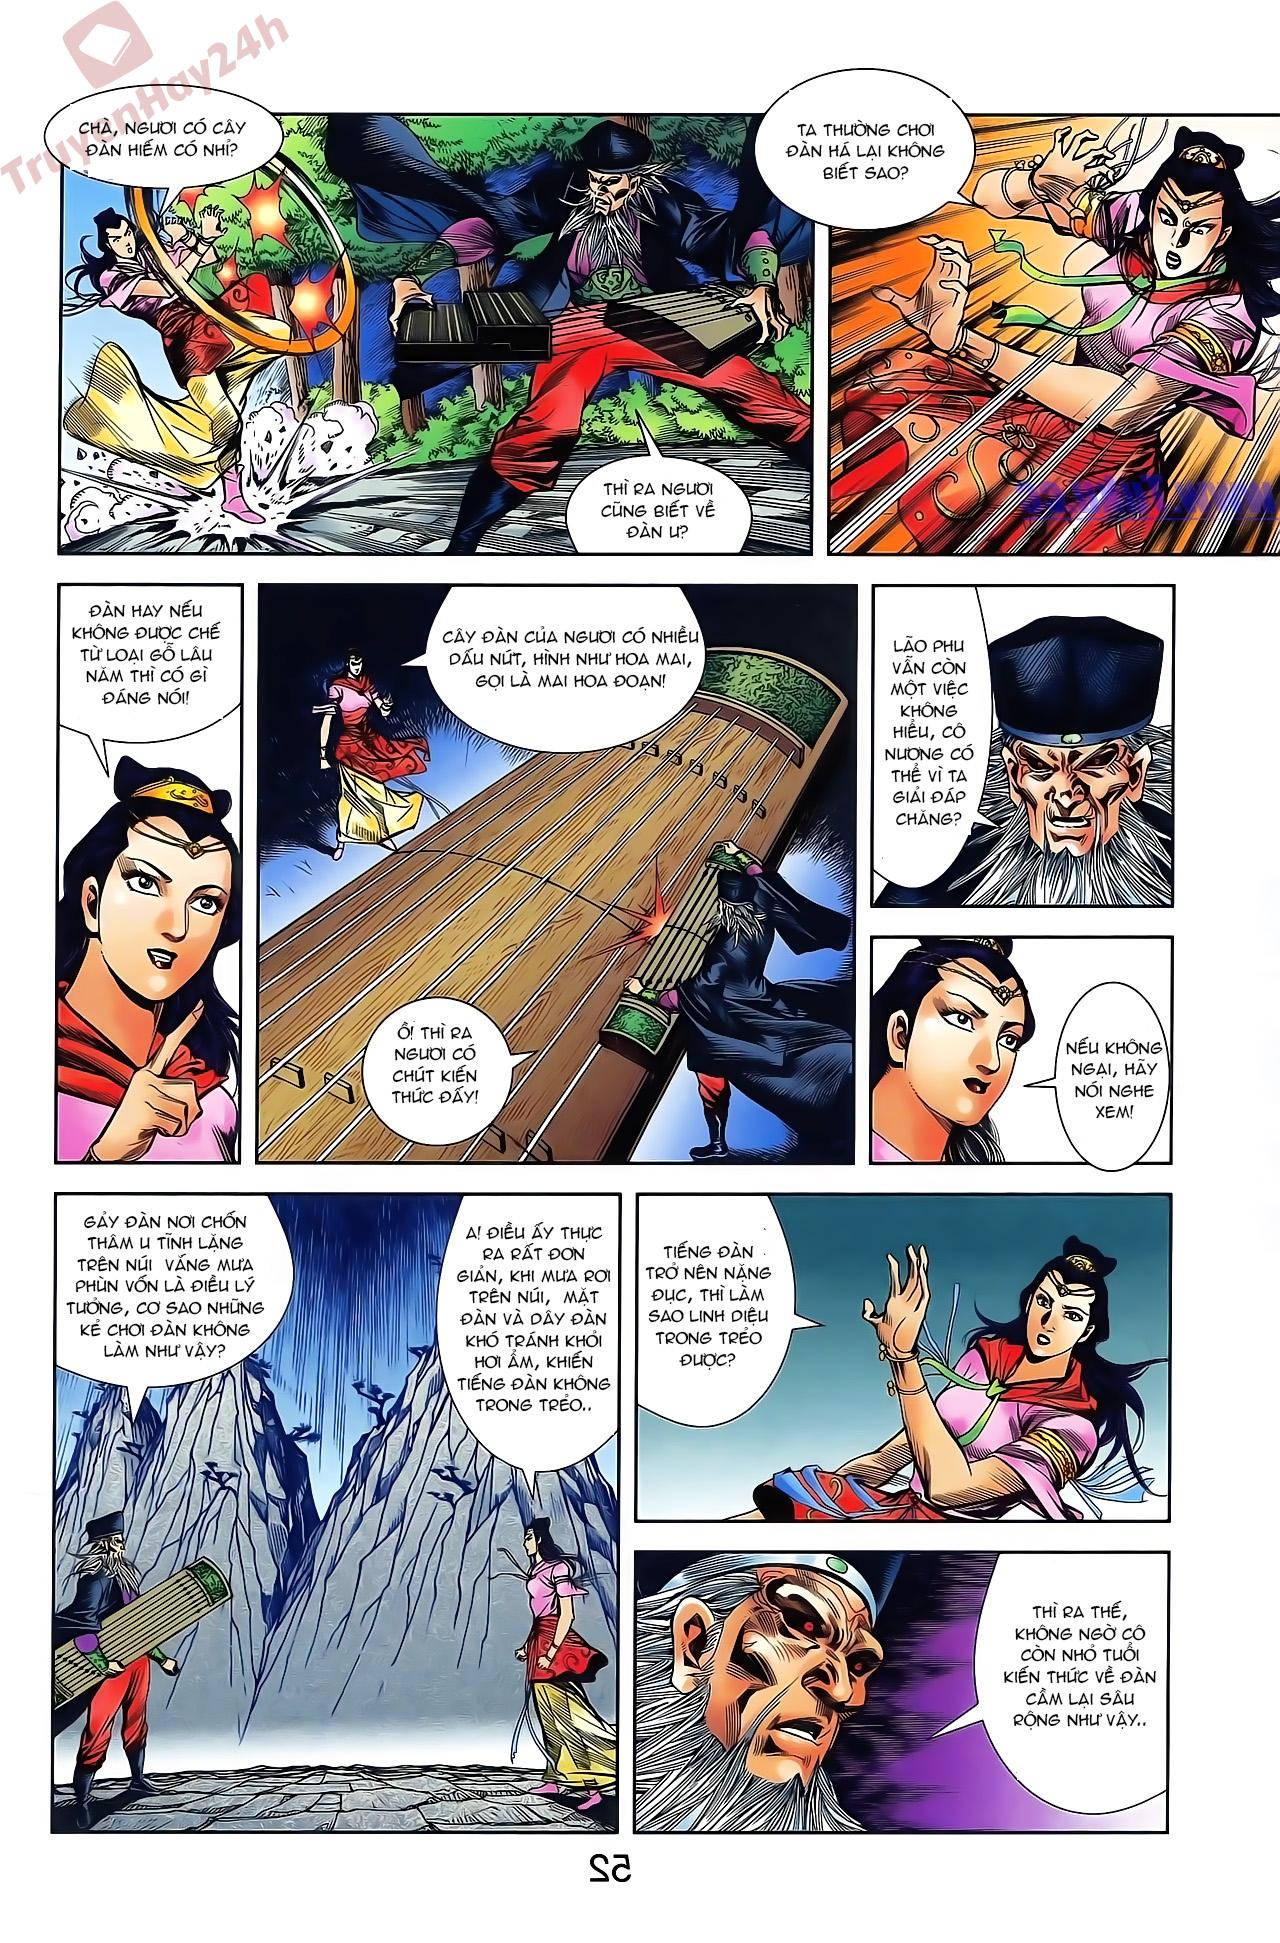 Tần Vương Doanh Chính chapter 46 trang 18